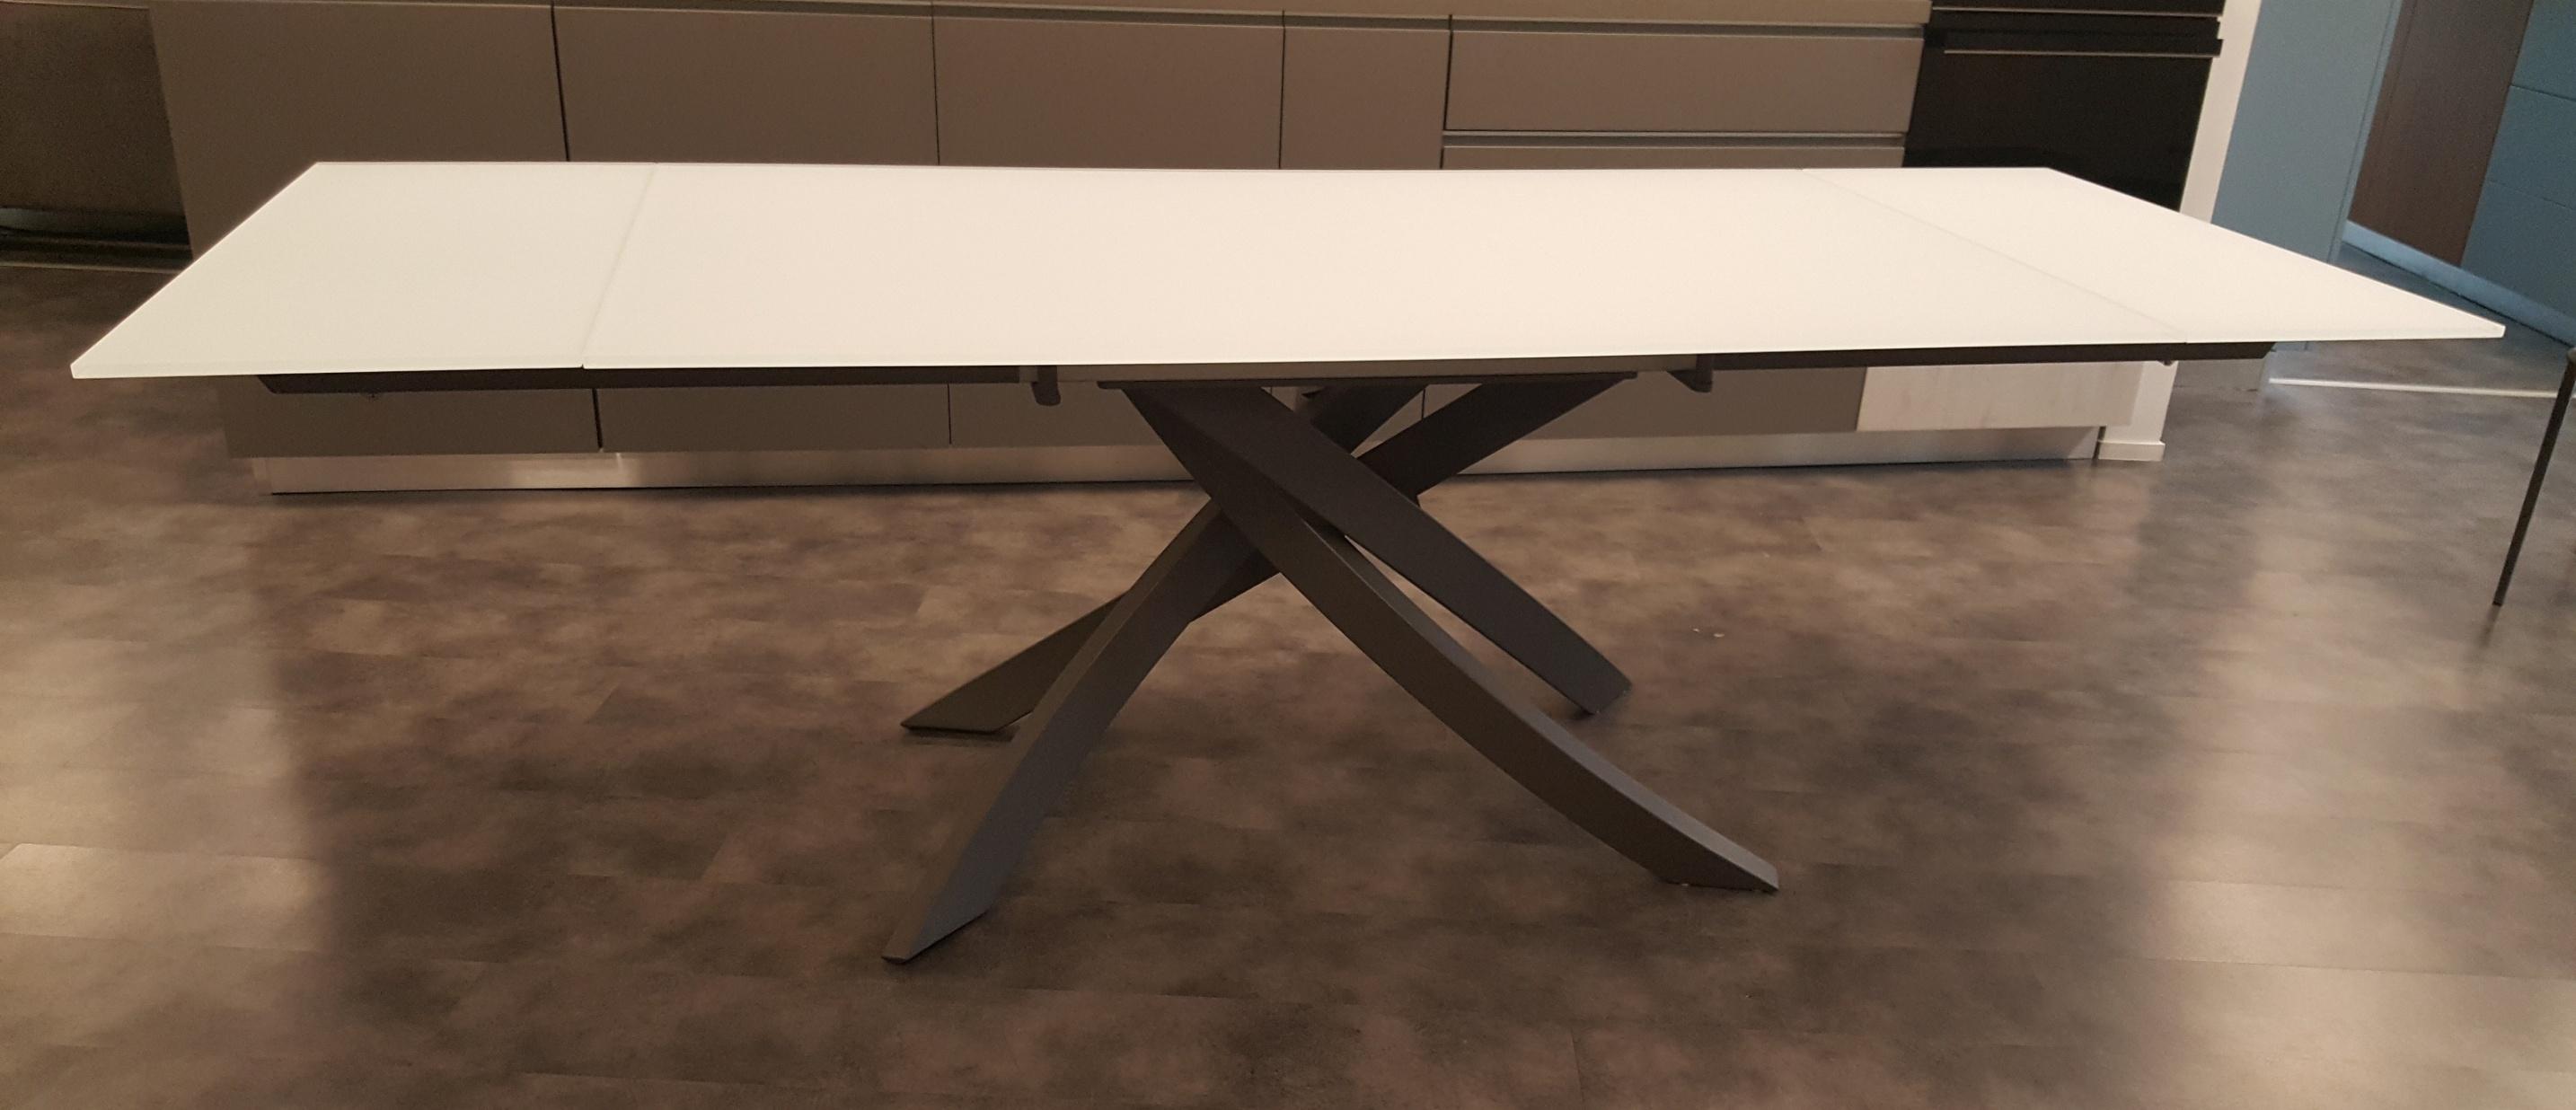 Tavolo mod artistico di bontempi casa tavoli a prezzi for Arredamento artistico